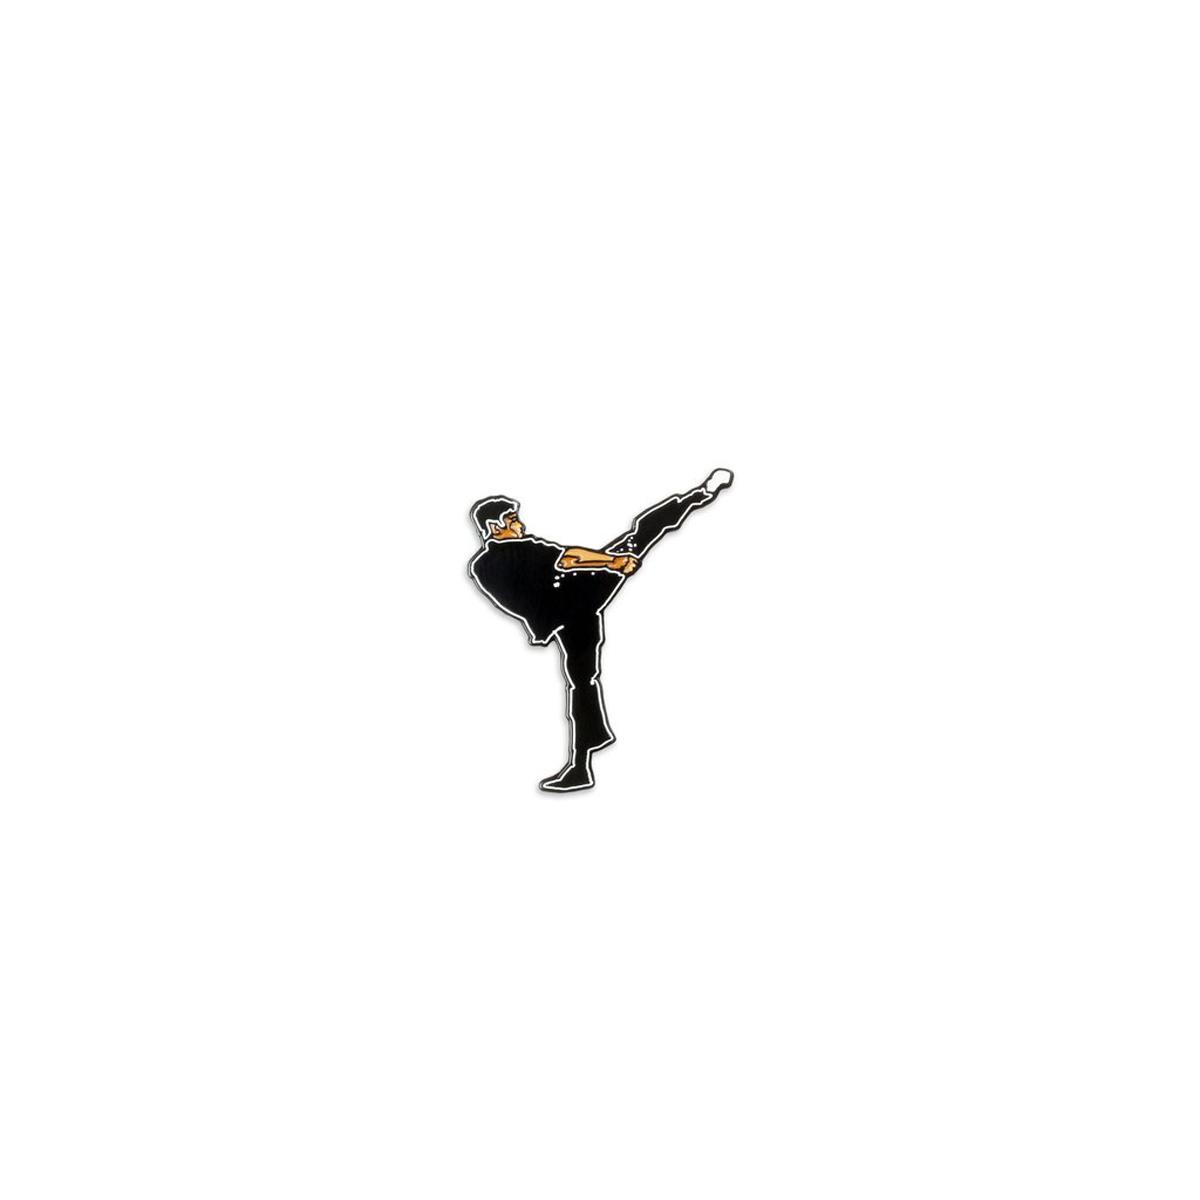 Bruce Lee Pin x MONDO x JOCK